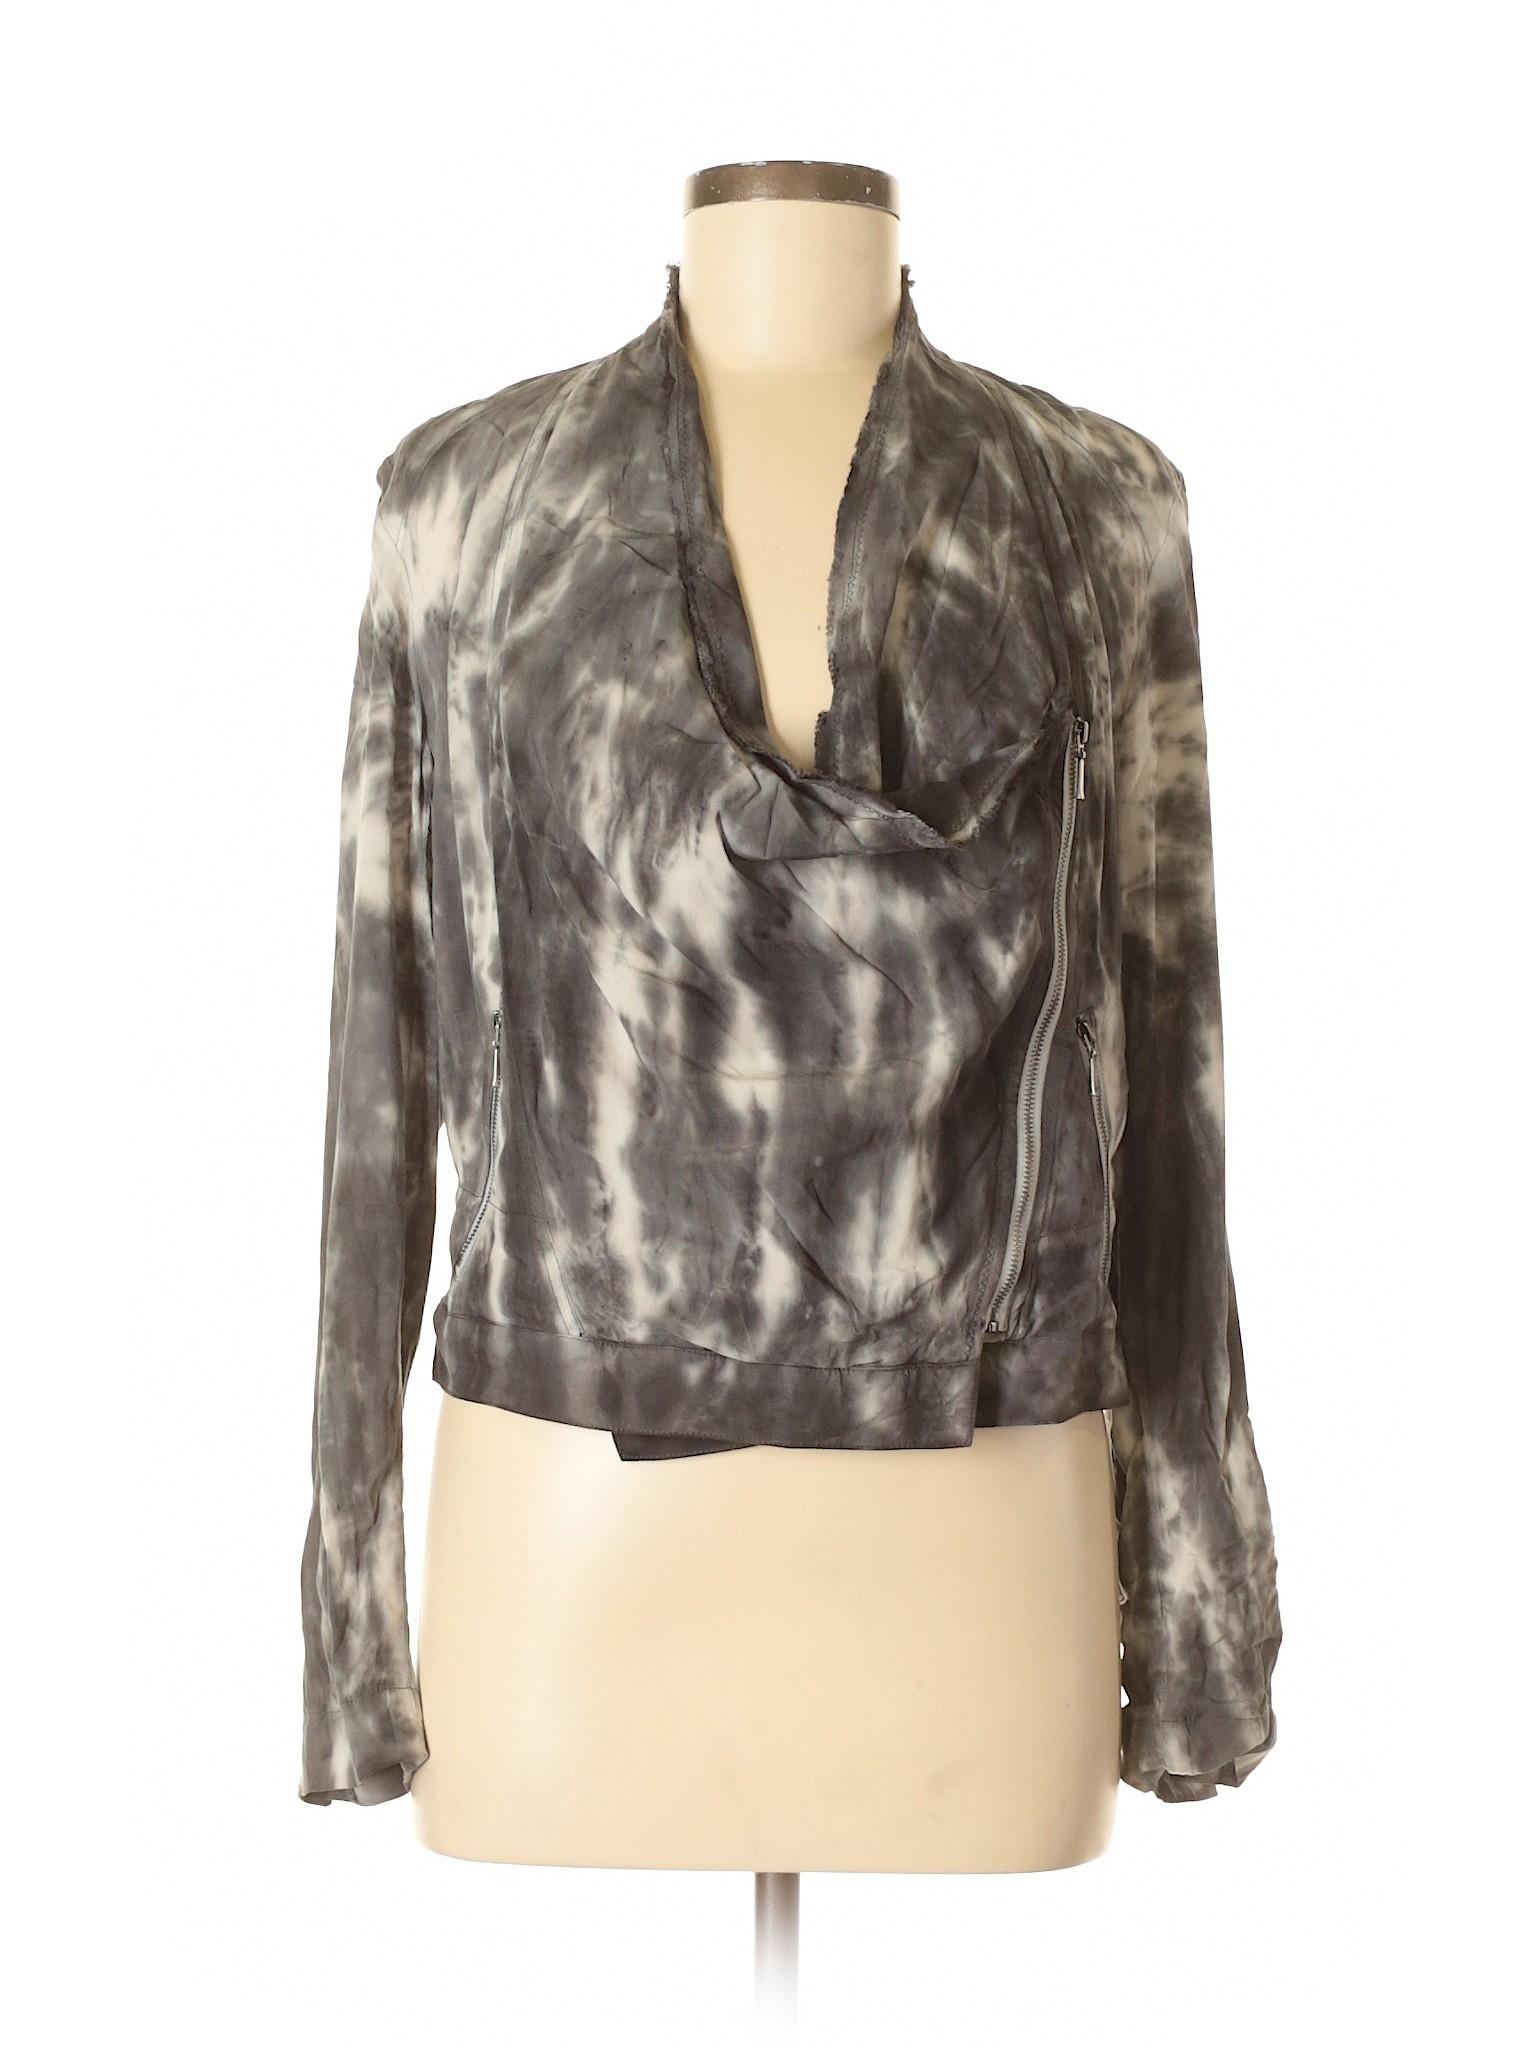 Boutique Jacket Jacket Boutique International Concepts Concepts Inc Boutique Inc Inc International 7XWUn